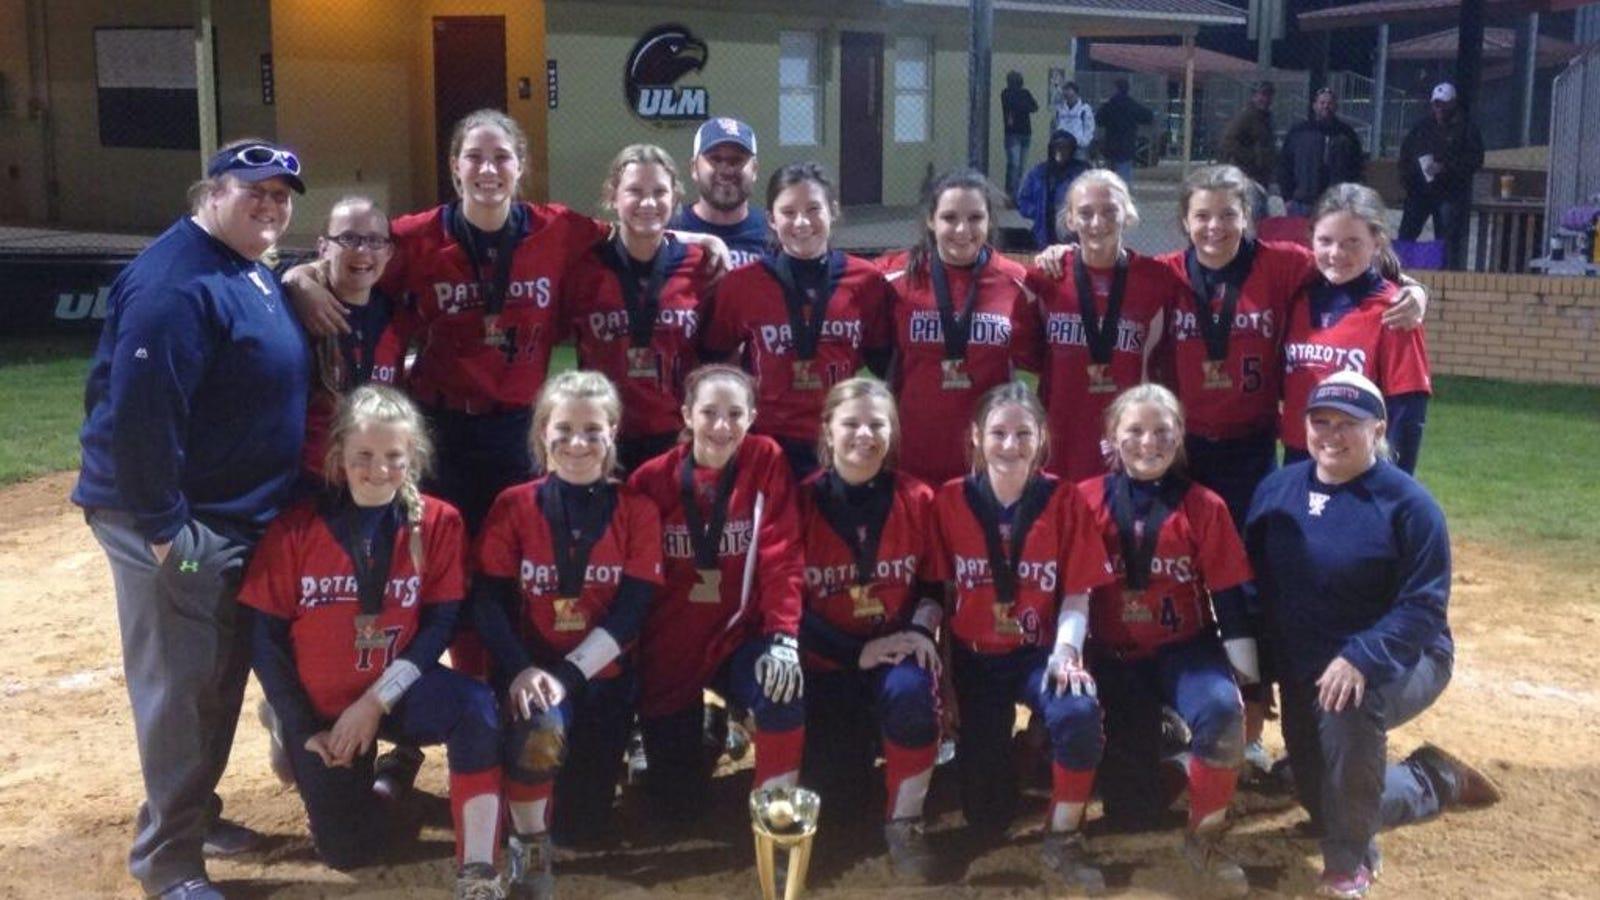 West Ridge Wins Softball State Championship